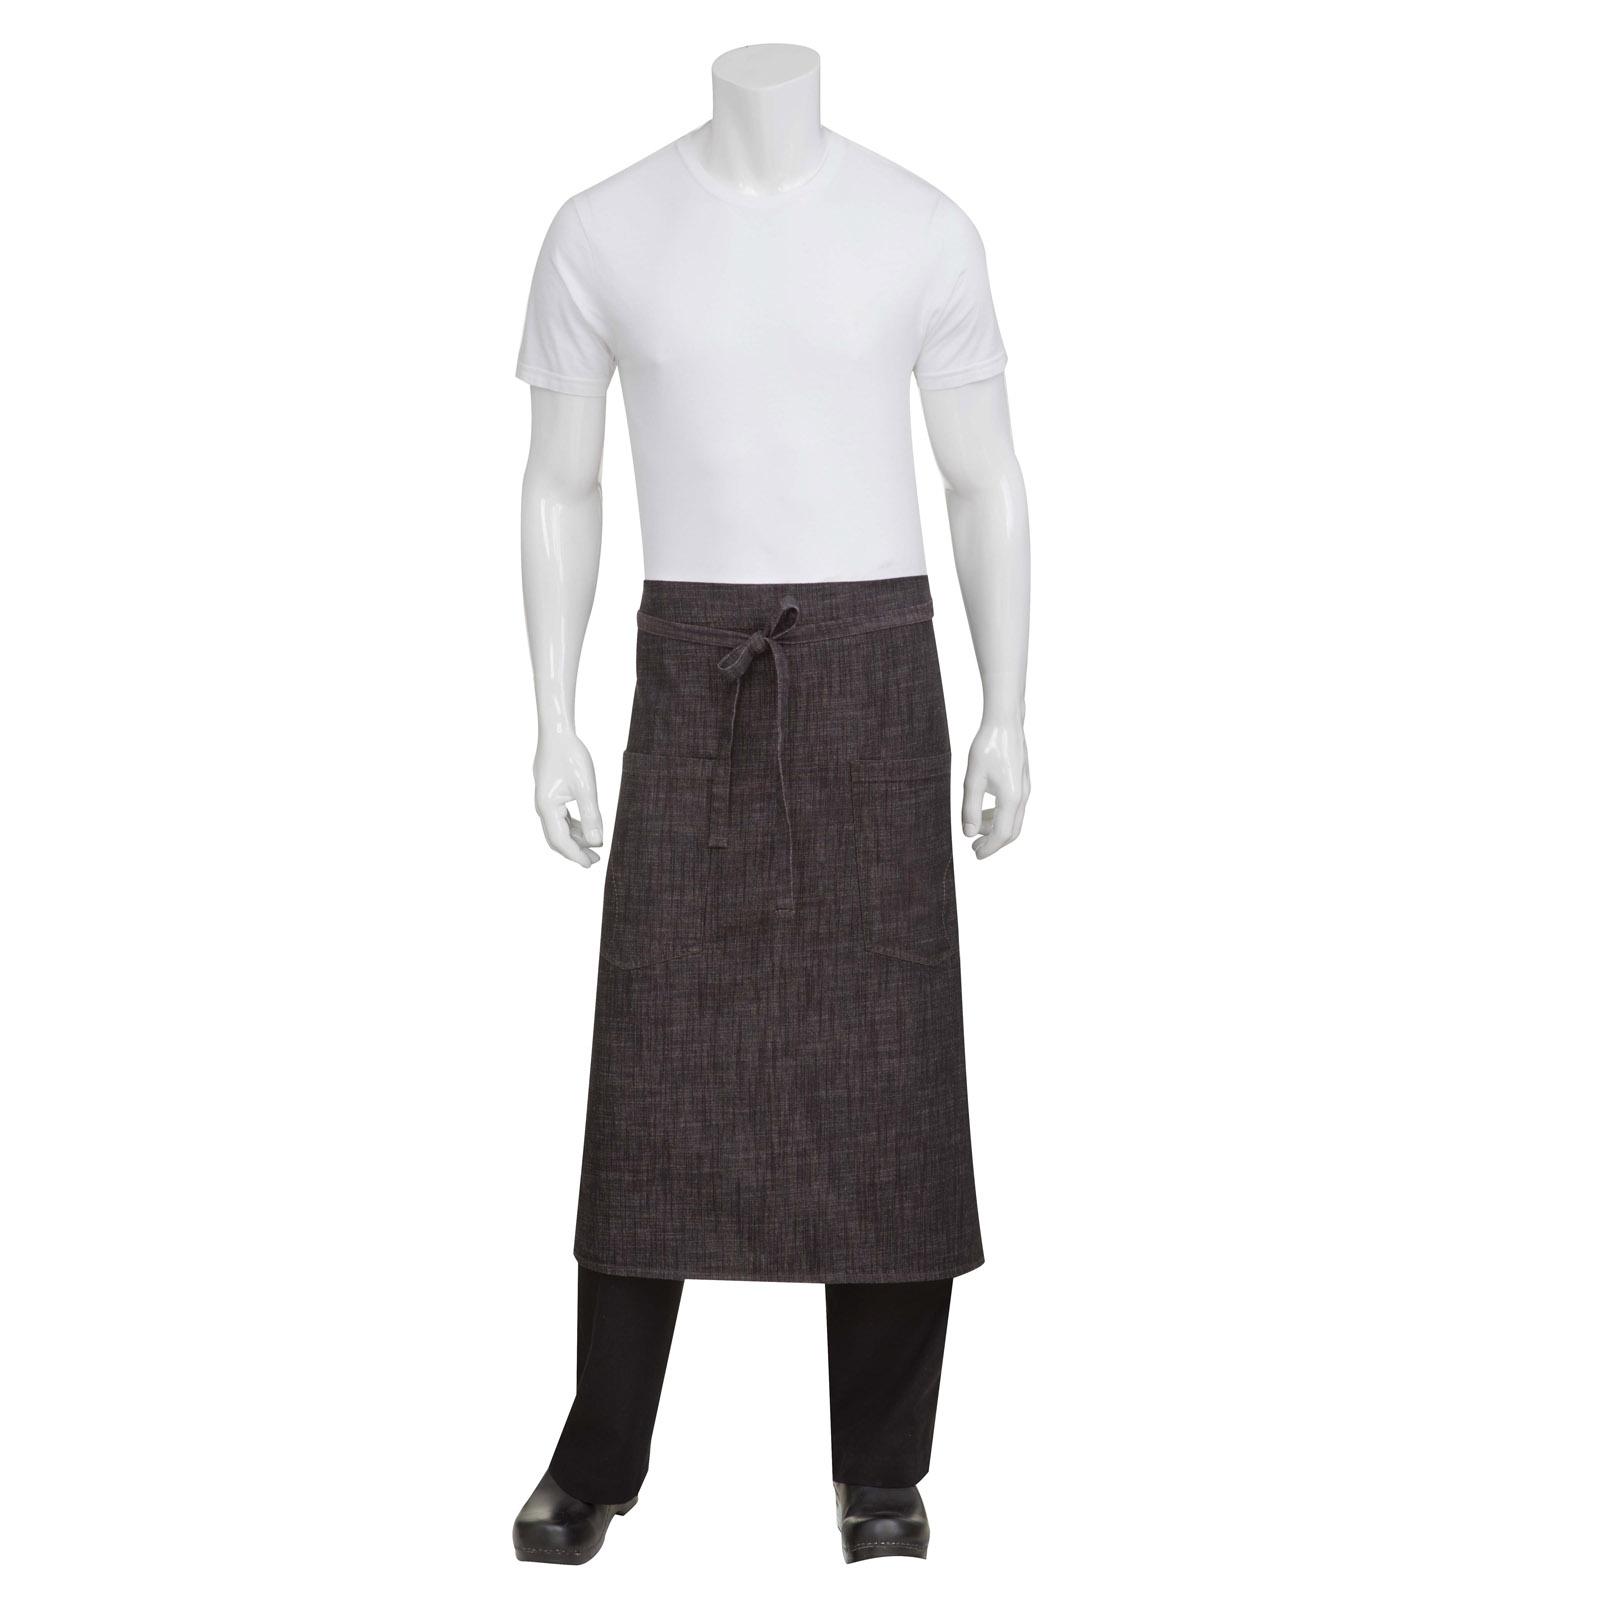 Chef Works ALWXX022BBG0 waist apron